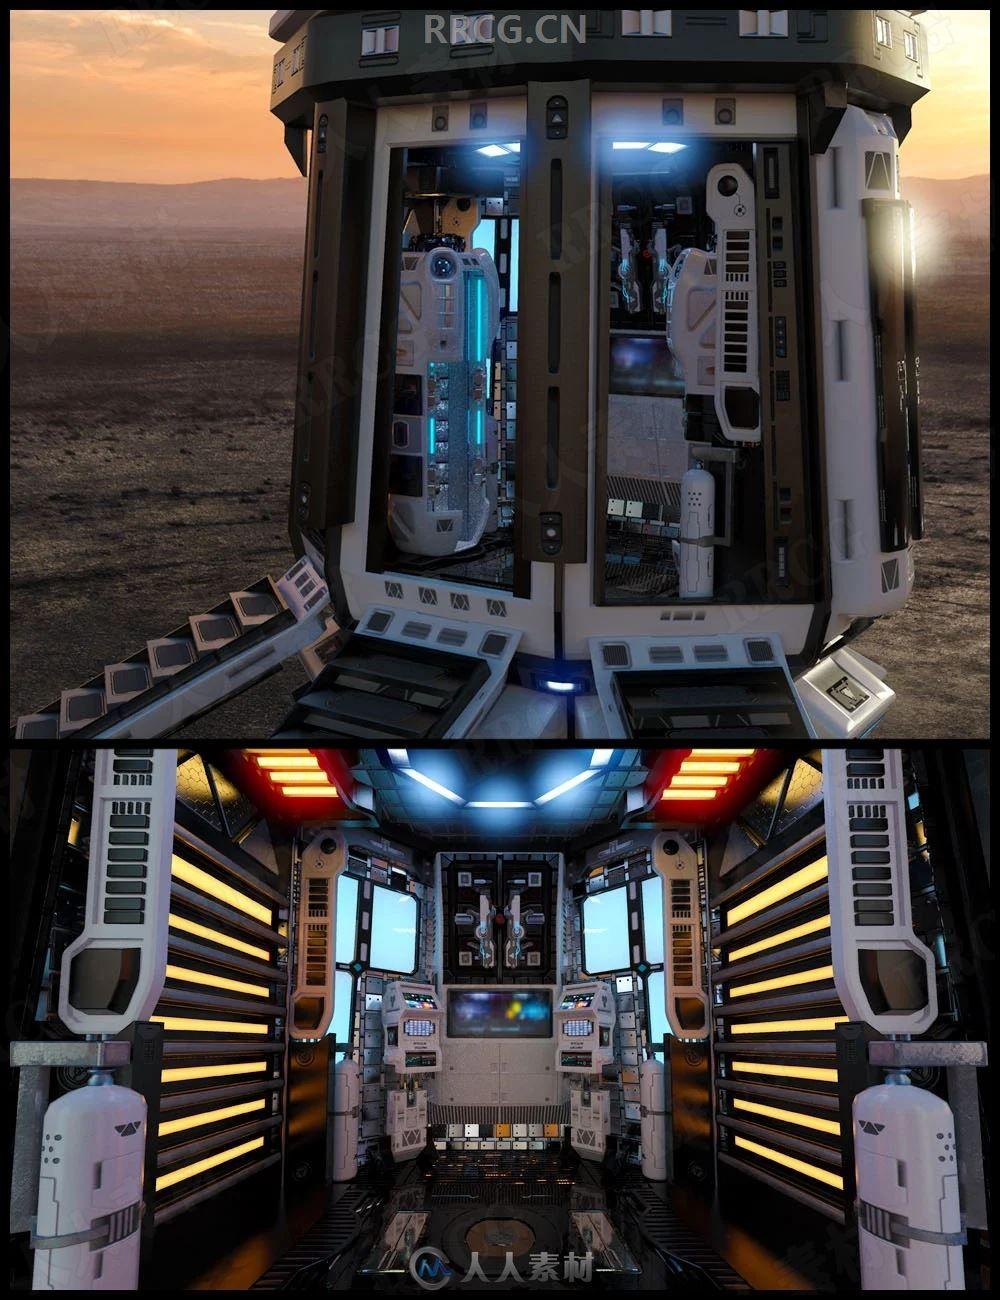 科幻机舱内部场景3D模型合集